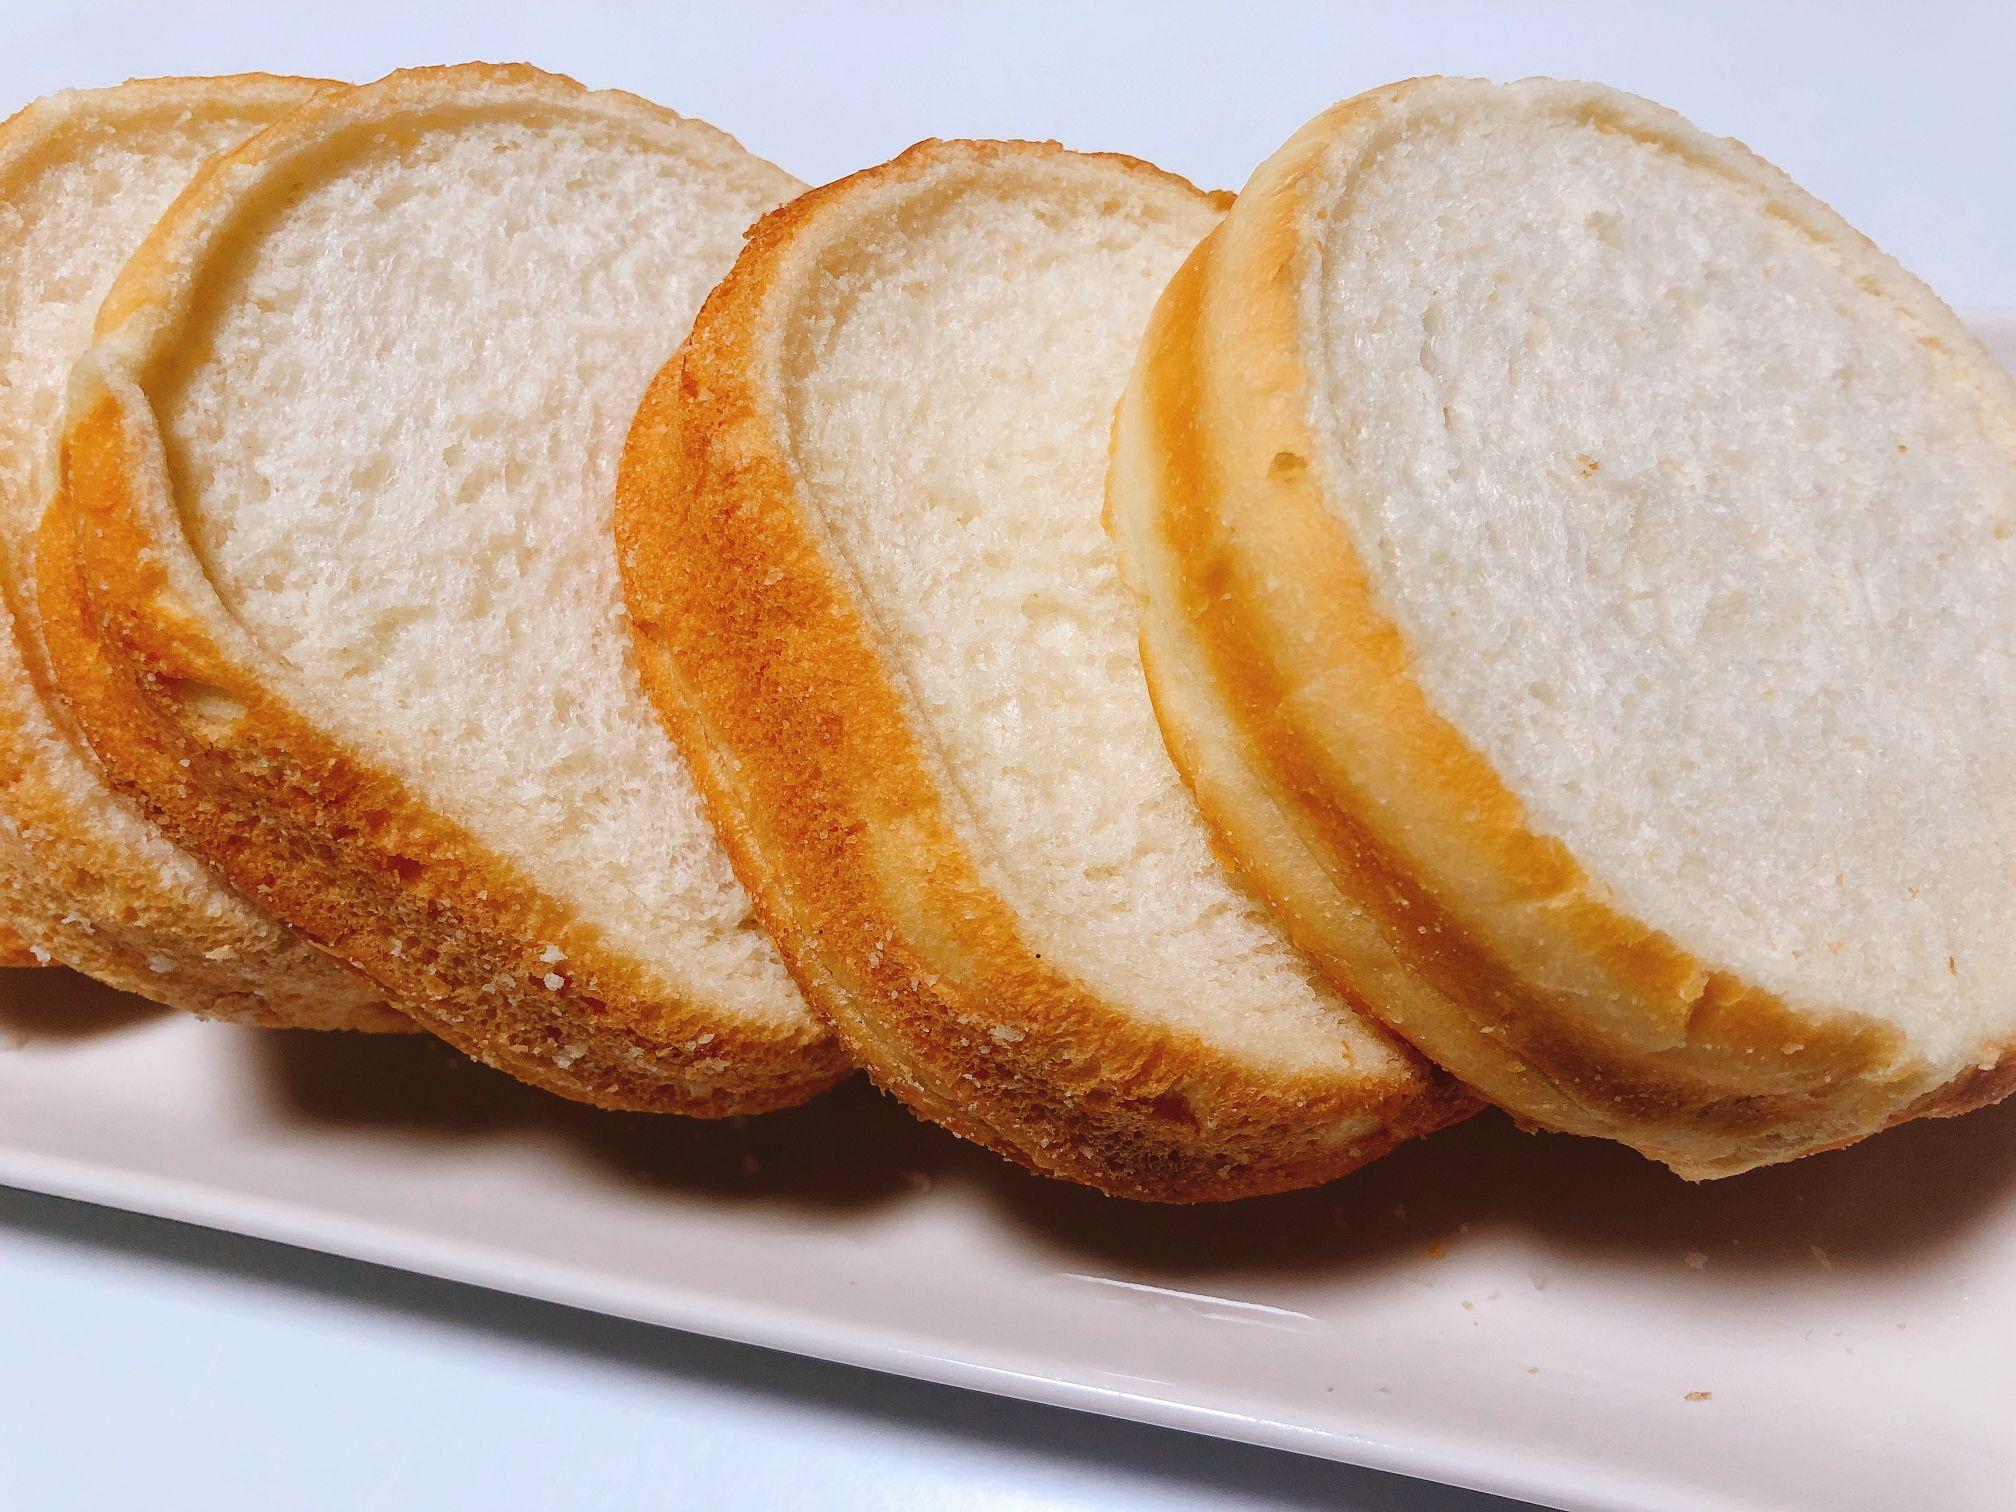 永楽堂 工場直売所のパン